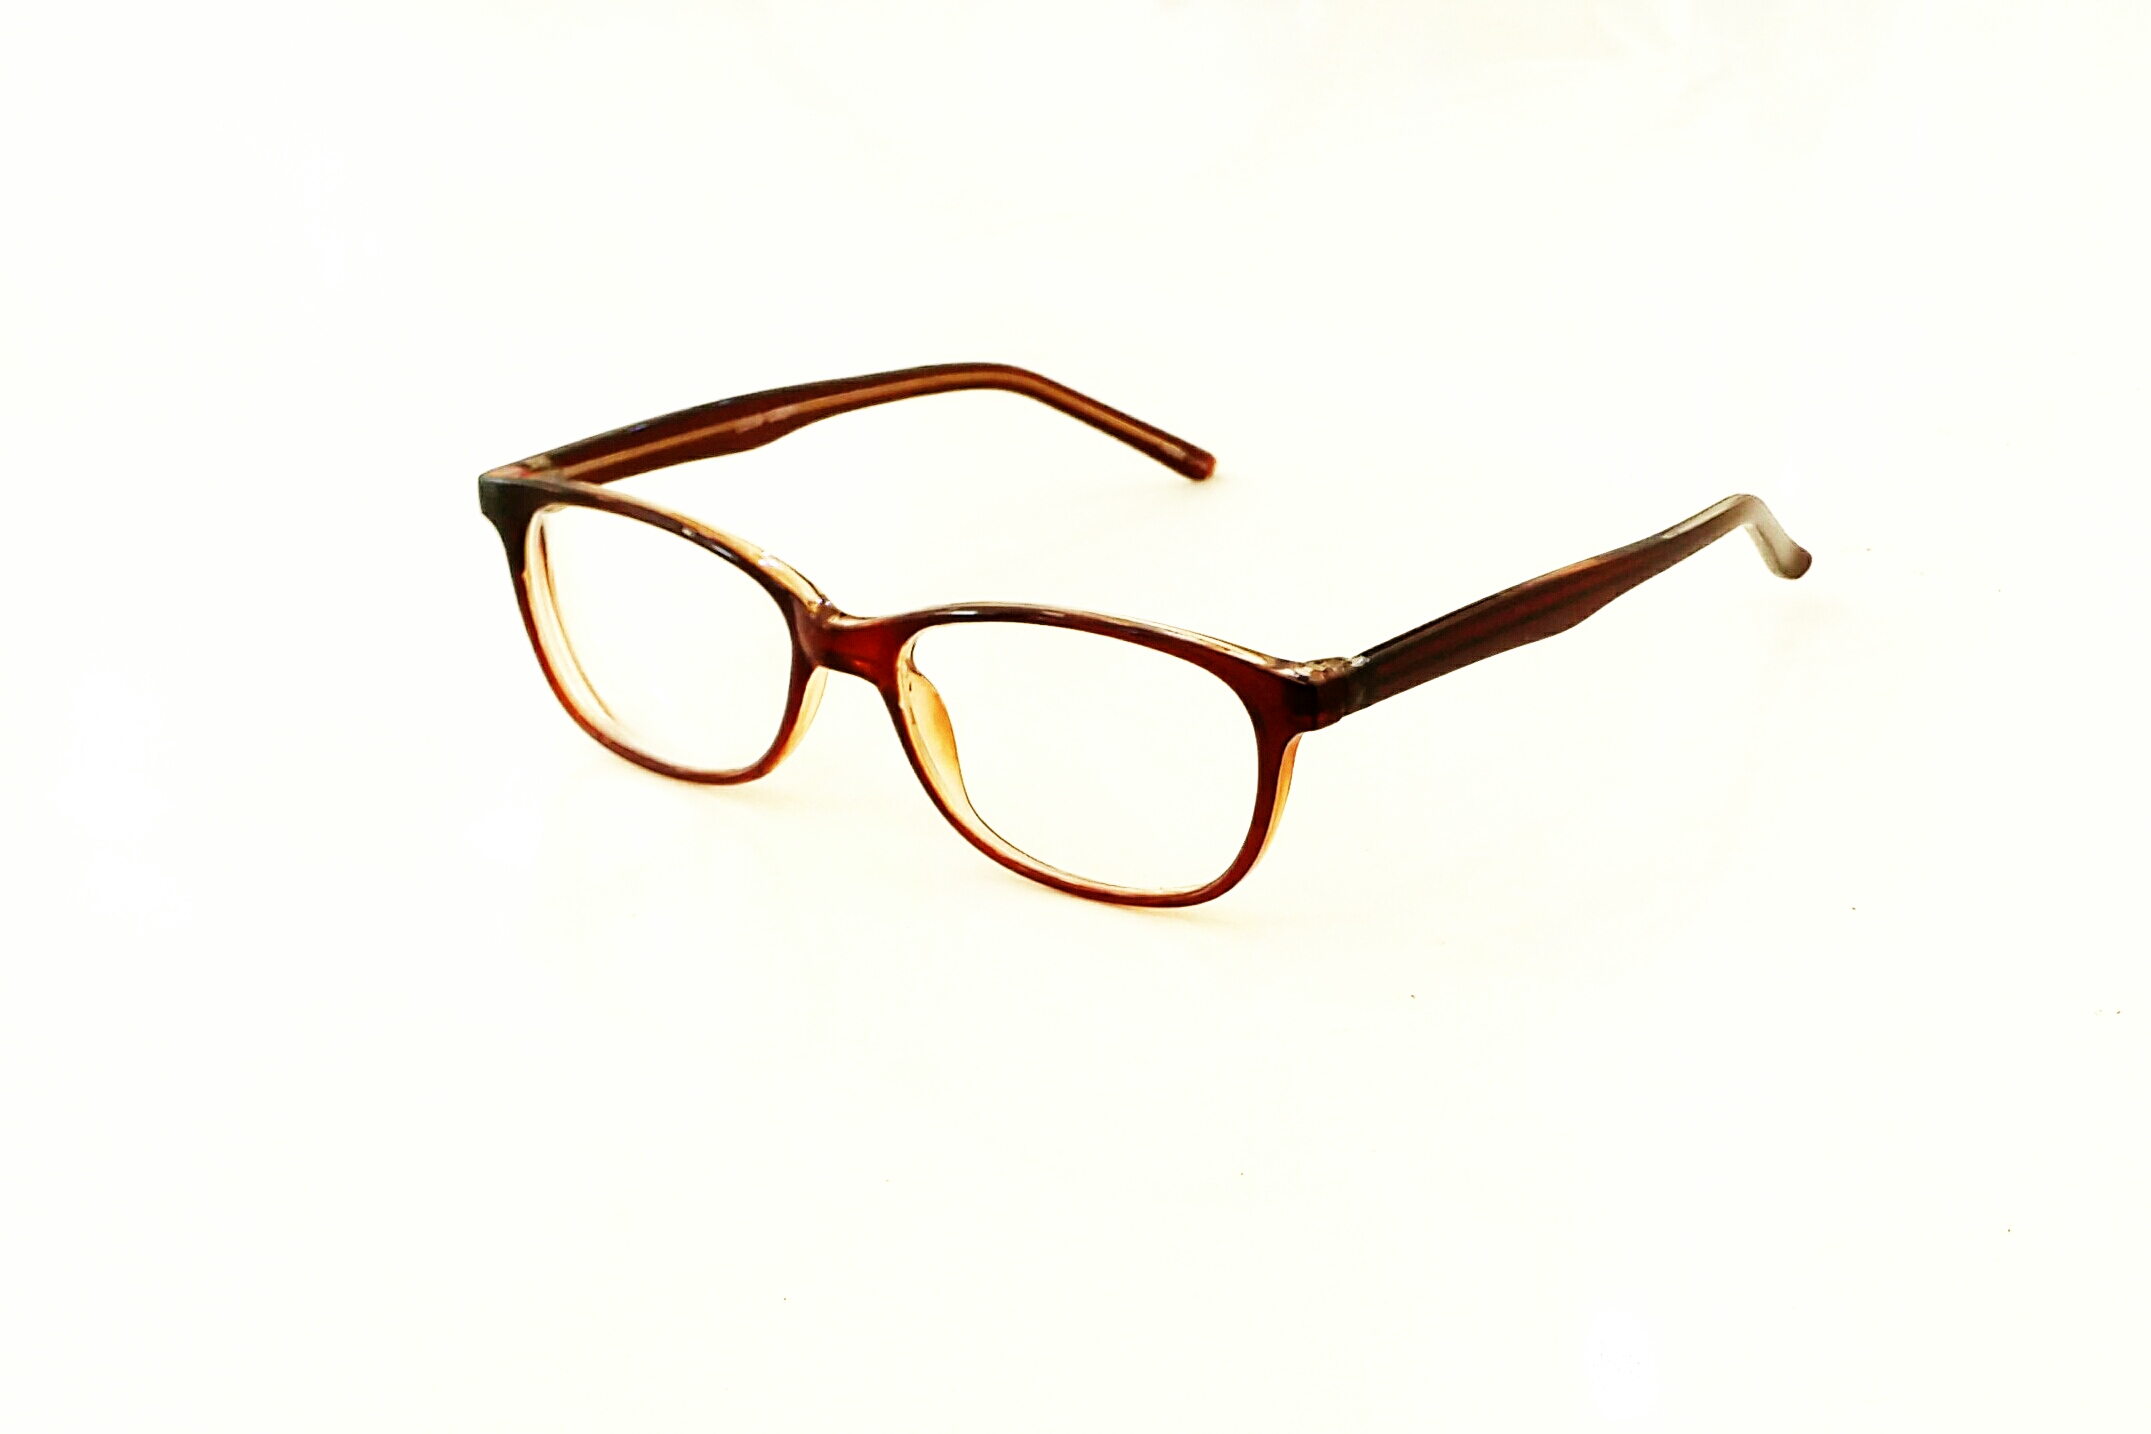 Nous vous présentons quelques exemples de lunettes que nous proposons au  magasin de la Fondation. Le choix est très souvent renouveler. 3cf4706cba47